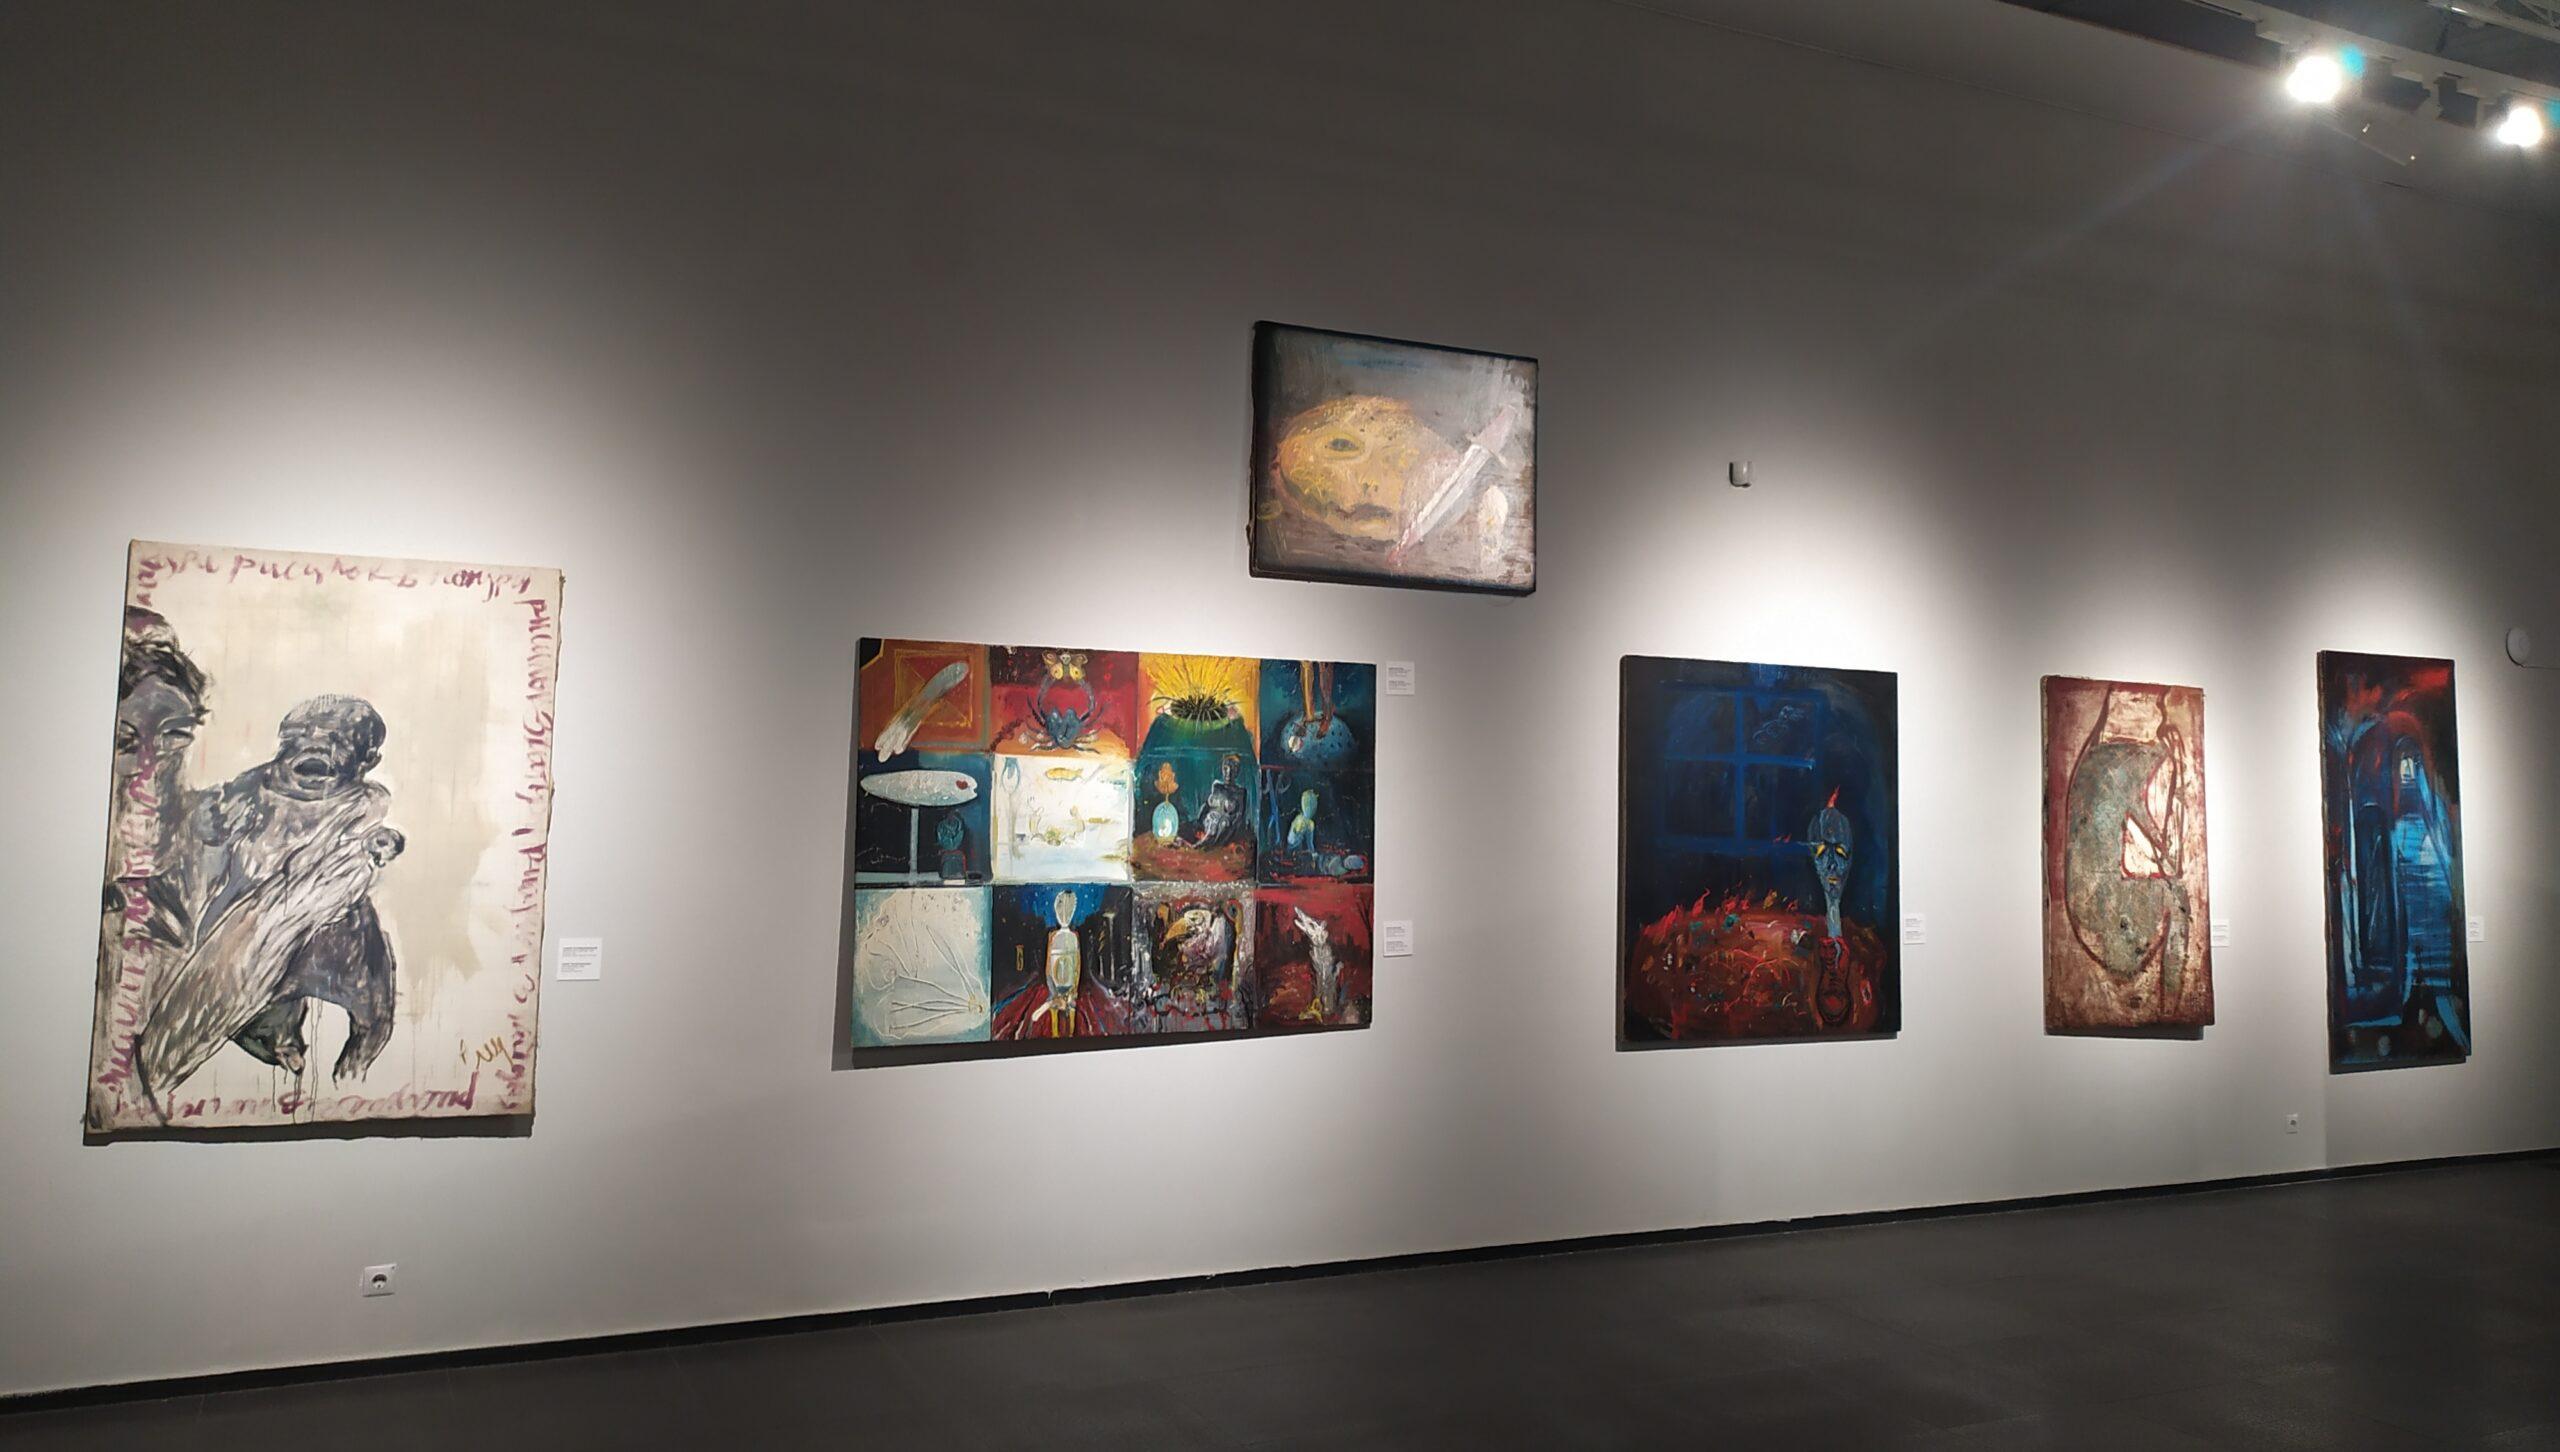 Практика соціальної взаємодії: про виставку «Відкрита можливість» у Центрі сучасного мистецтва М17